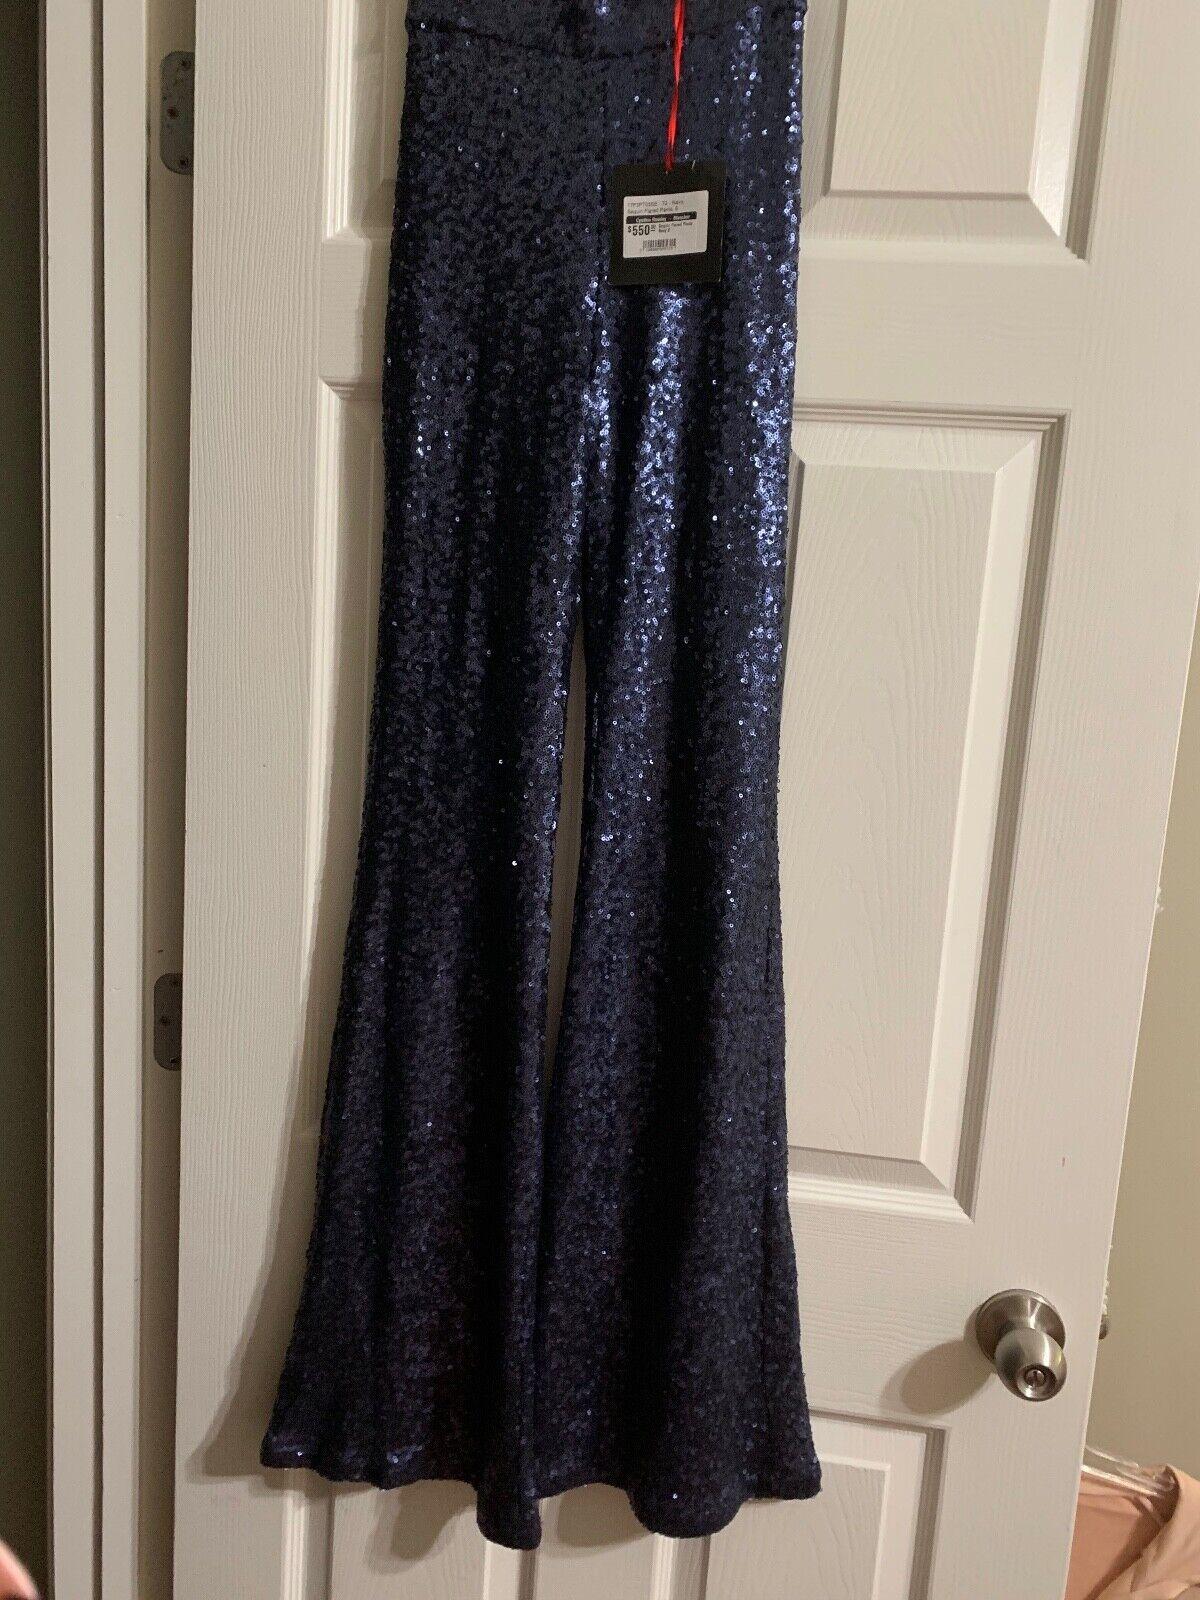 Cynthia Rowley Lentejuelas Acampanado  Pantalones Azul  salida